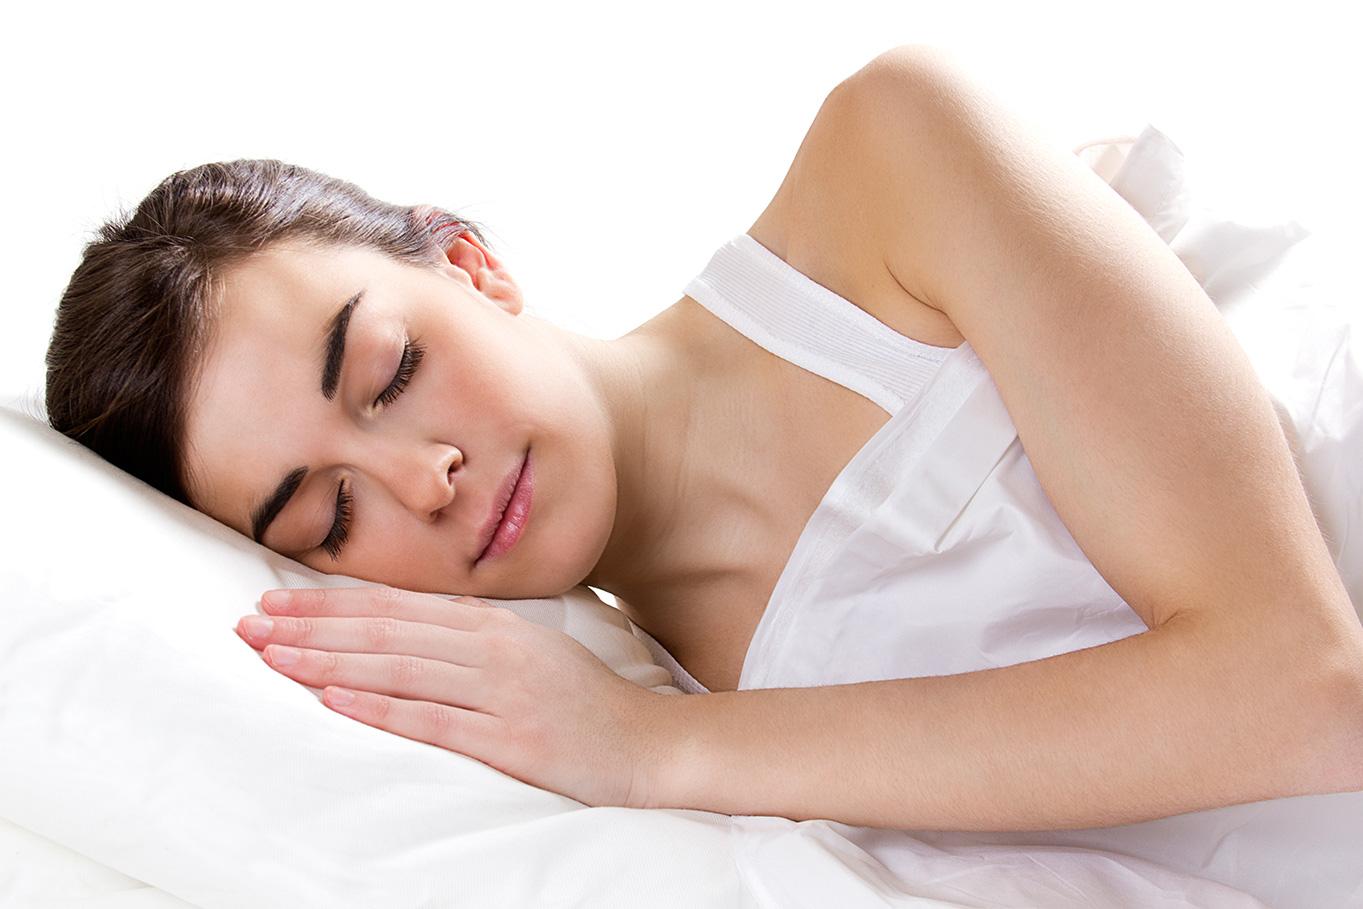 dormir - hypnose amiens centre